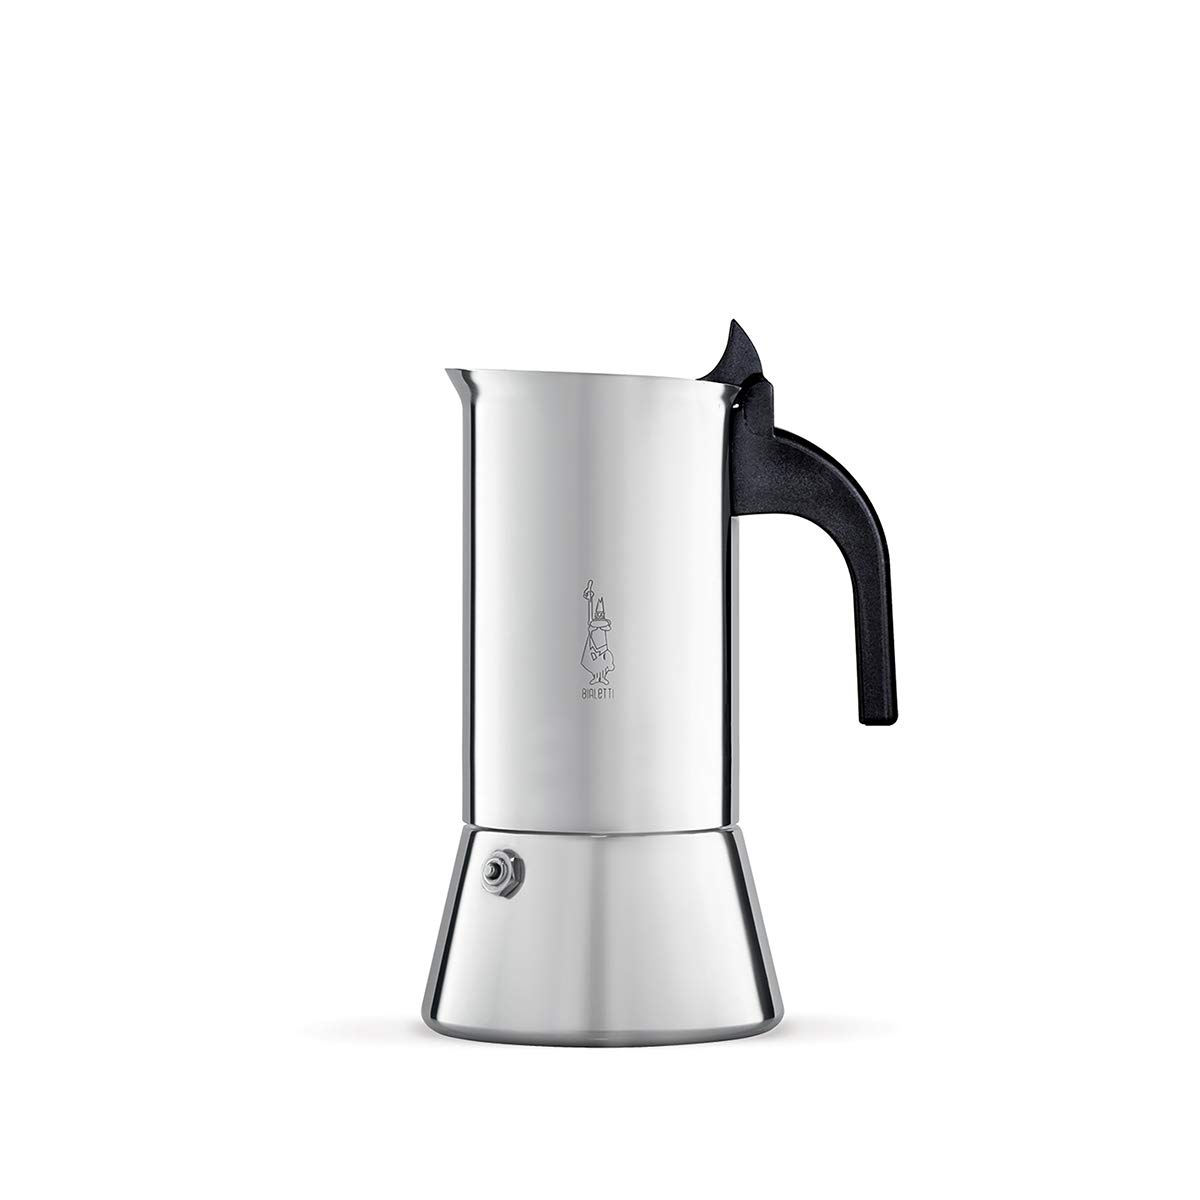 Bialetti Venus Espressokocher für induktion, Stahl, Silber, 6 Tassen